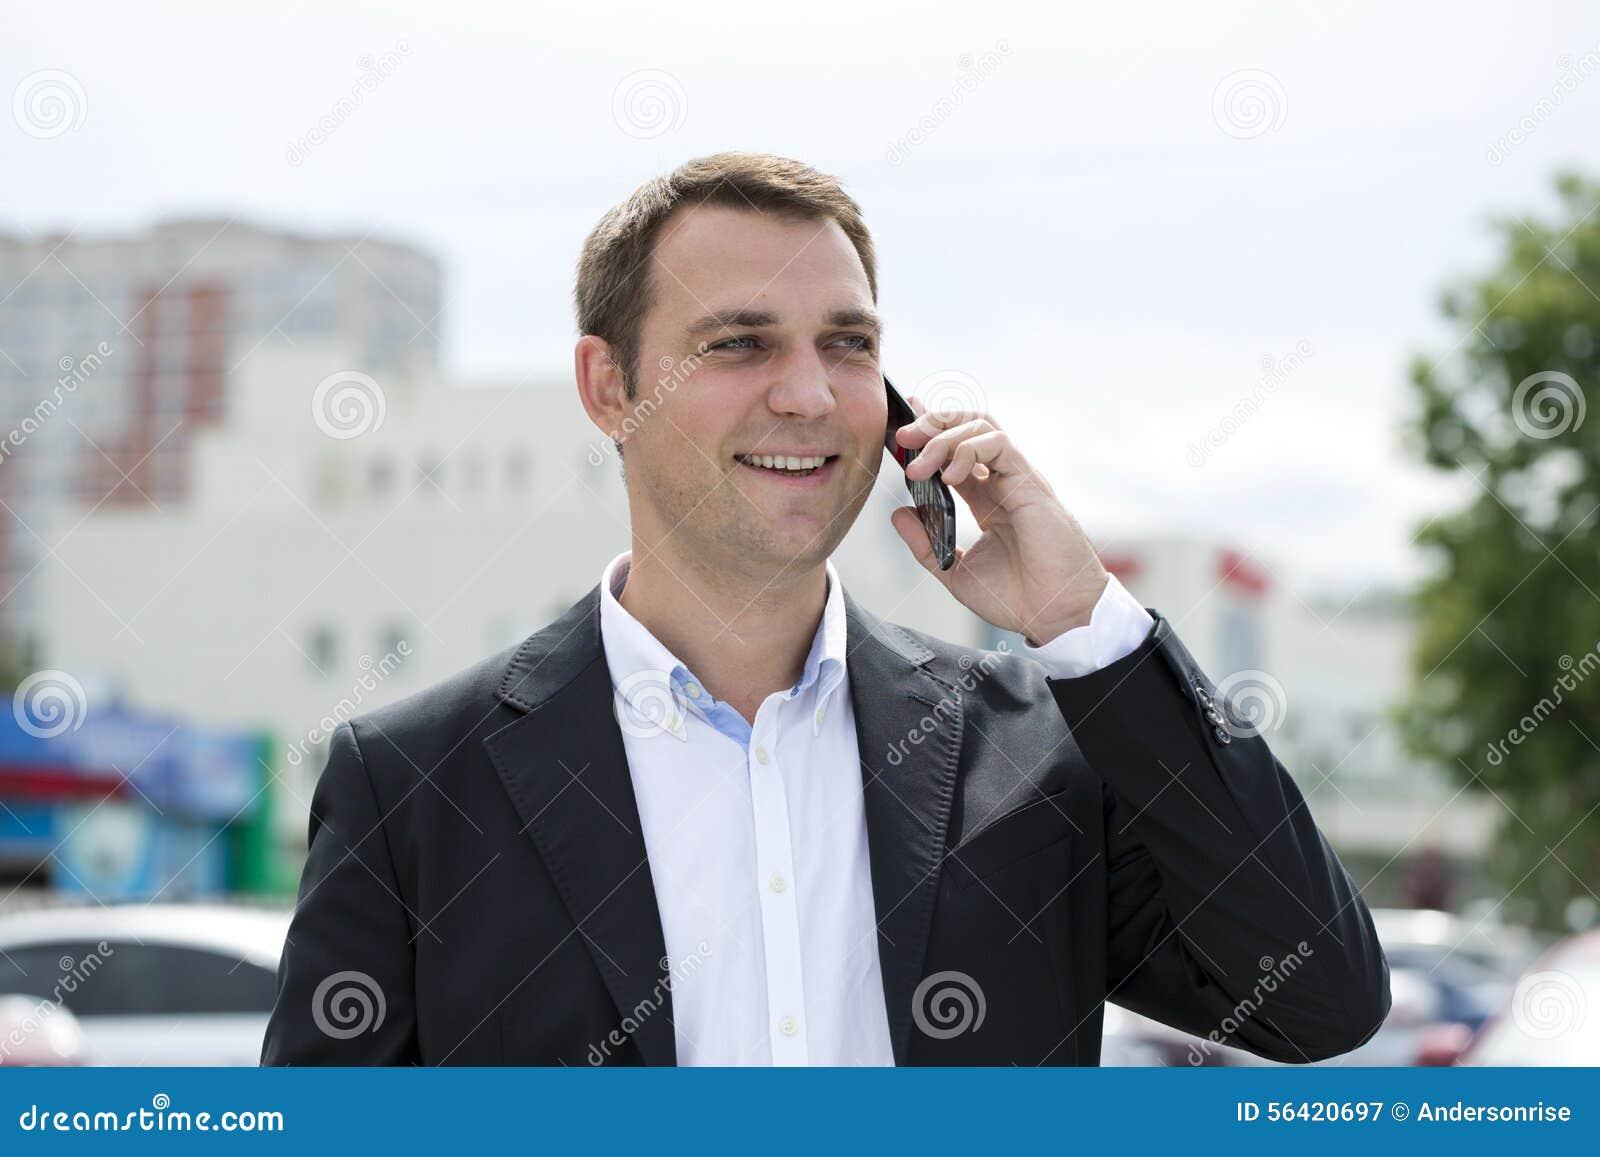 Stående av en ung affärsman i en mörk dräkt- och vitskjorta